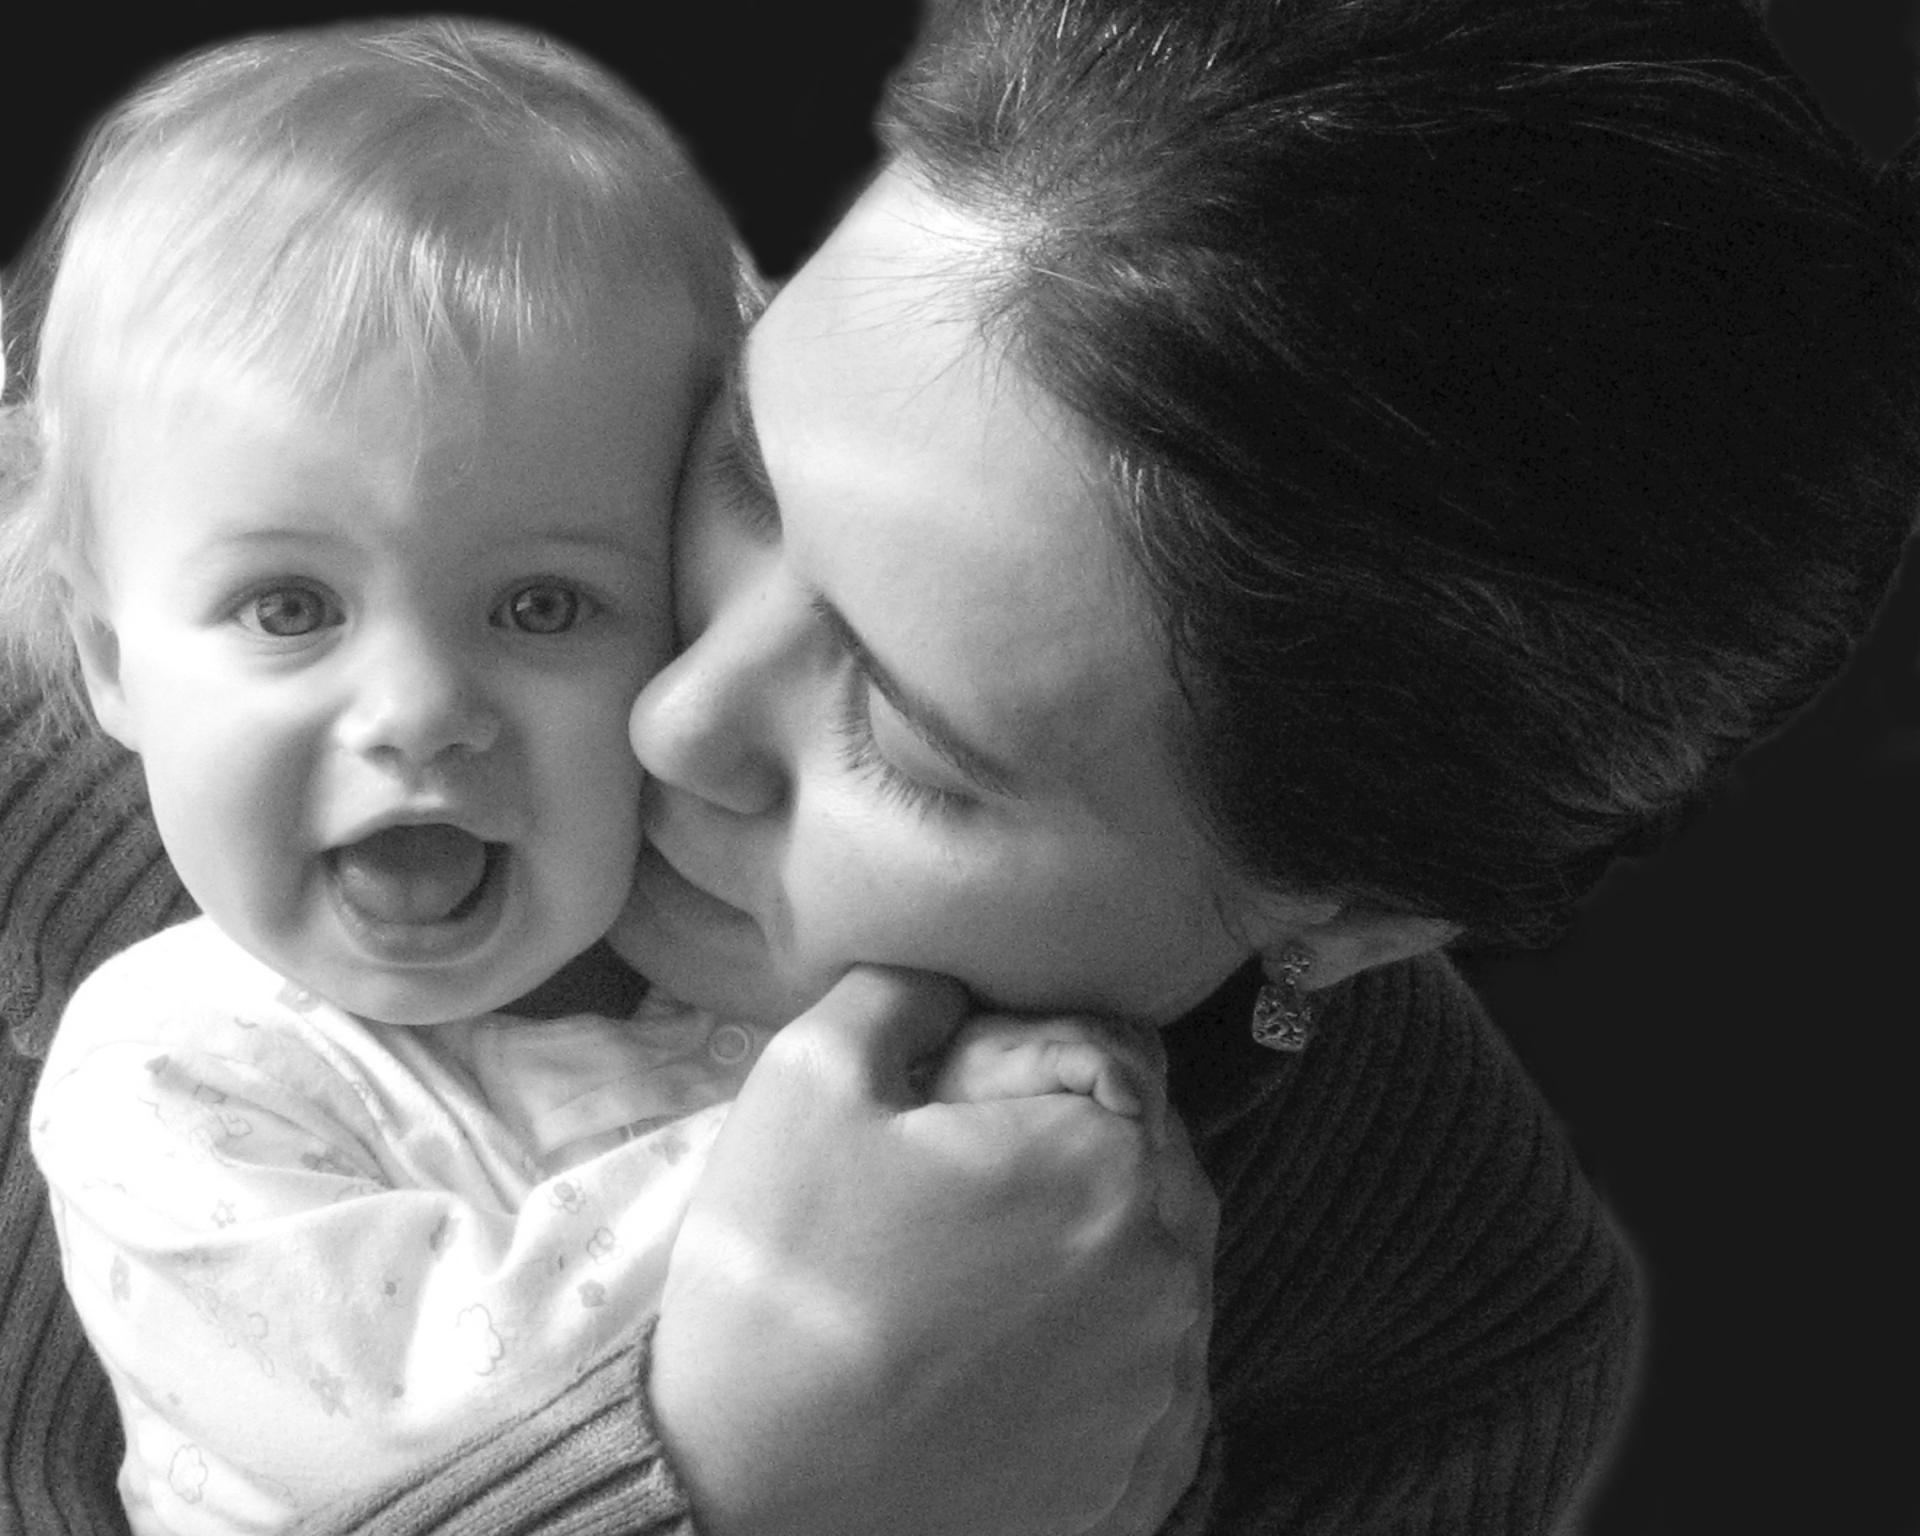 a-mother-s-joy-1436105-1920x1536_1.jpg